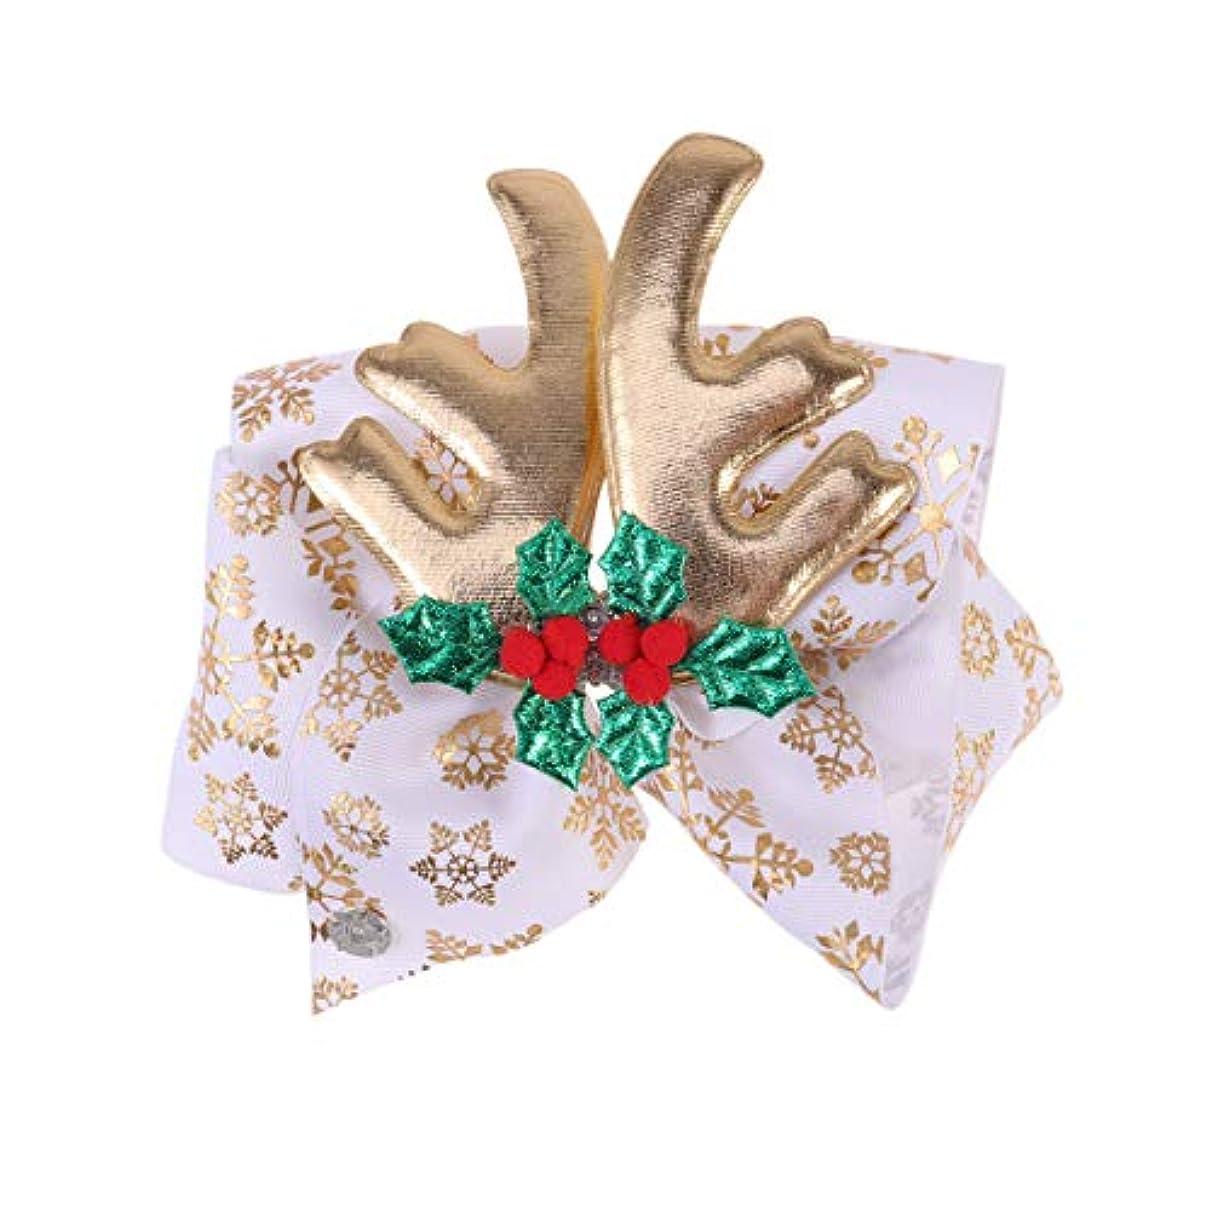 含むエイリアス発送Lurrose クリスマスの弓のヘアクリップ枝角ヘアピンクリスマスの日の子供の子供のためのダイヤモンドヘアアクセサリー